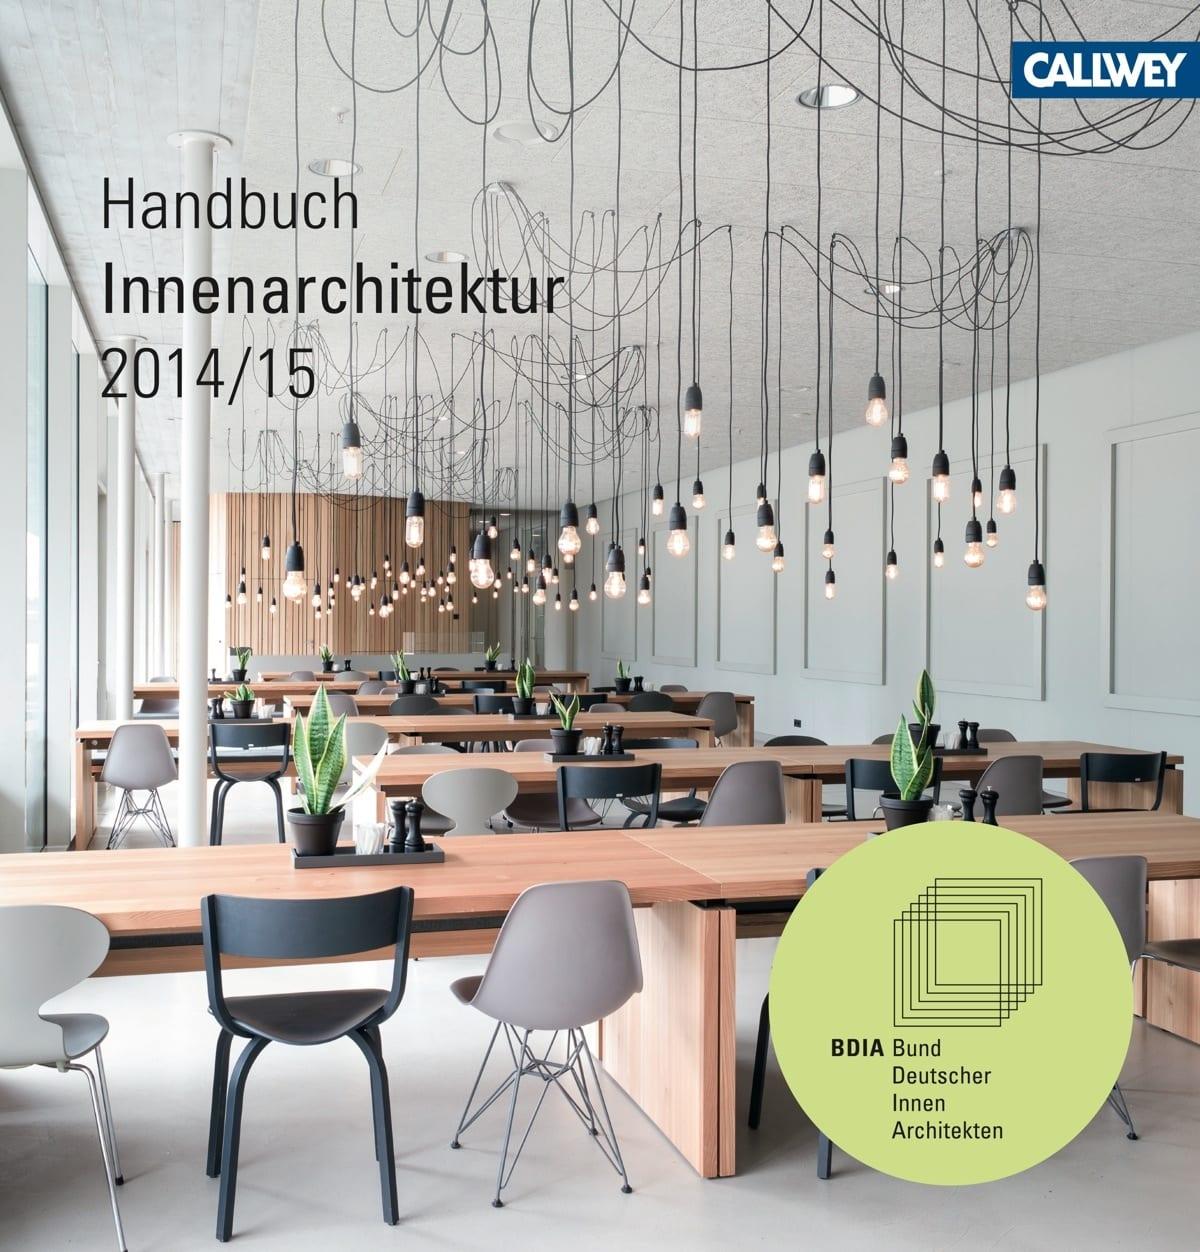 Innenarchitektur Literatur handbuch innenarchitektur 2014 2015 des bdia